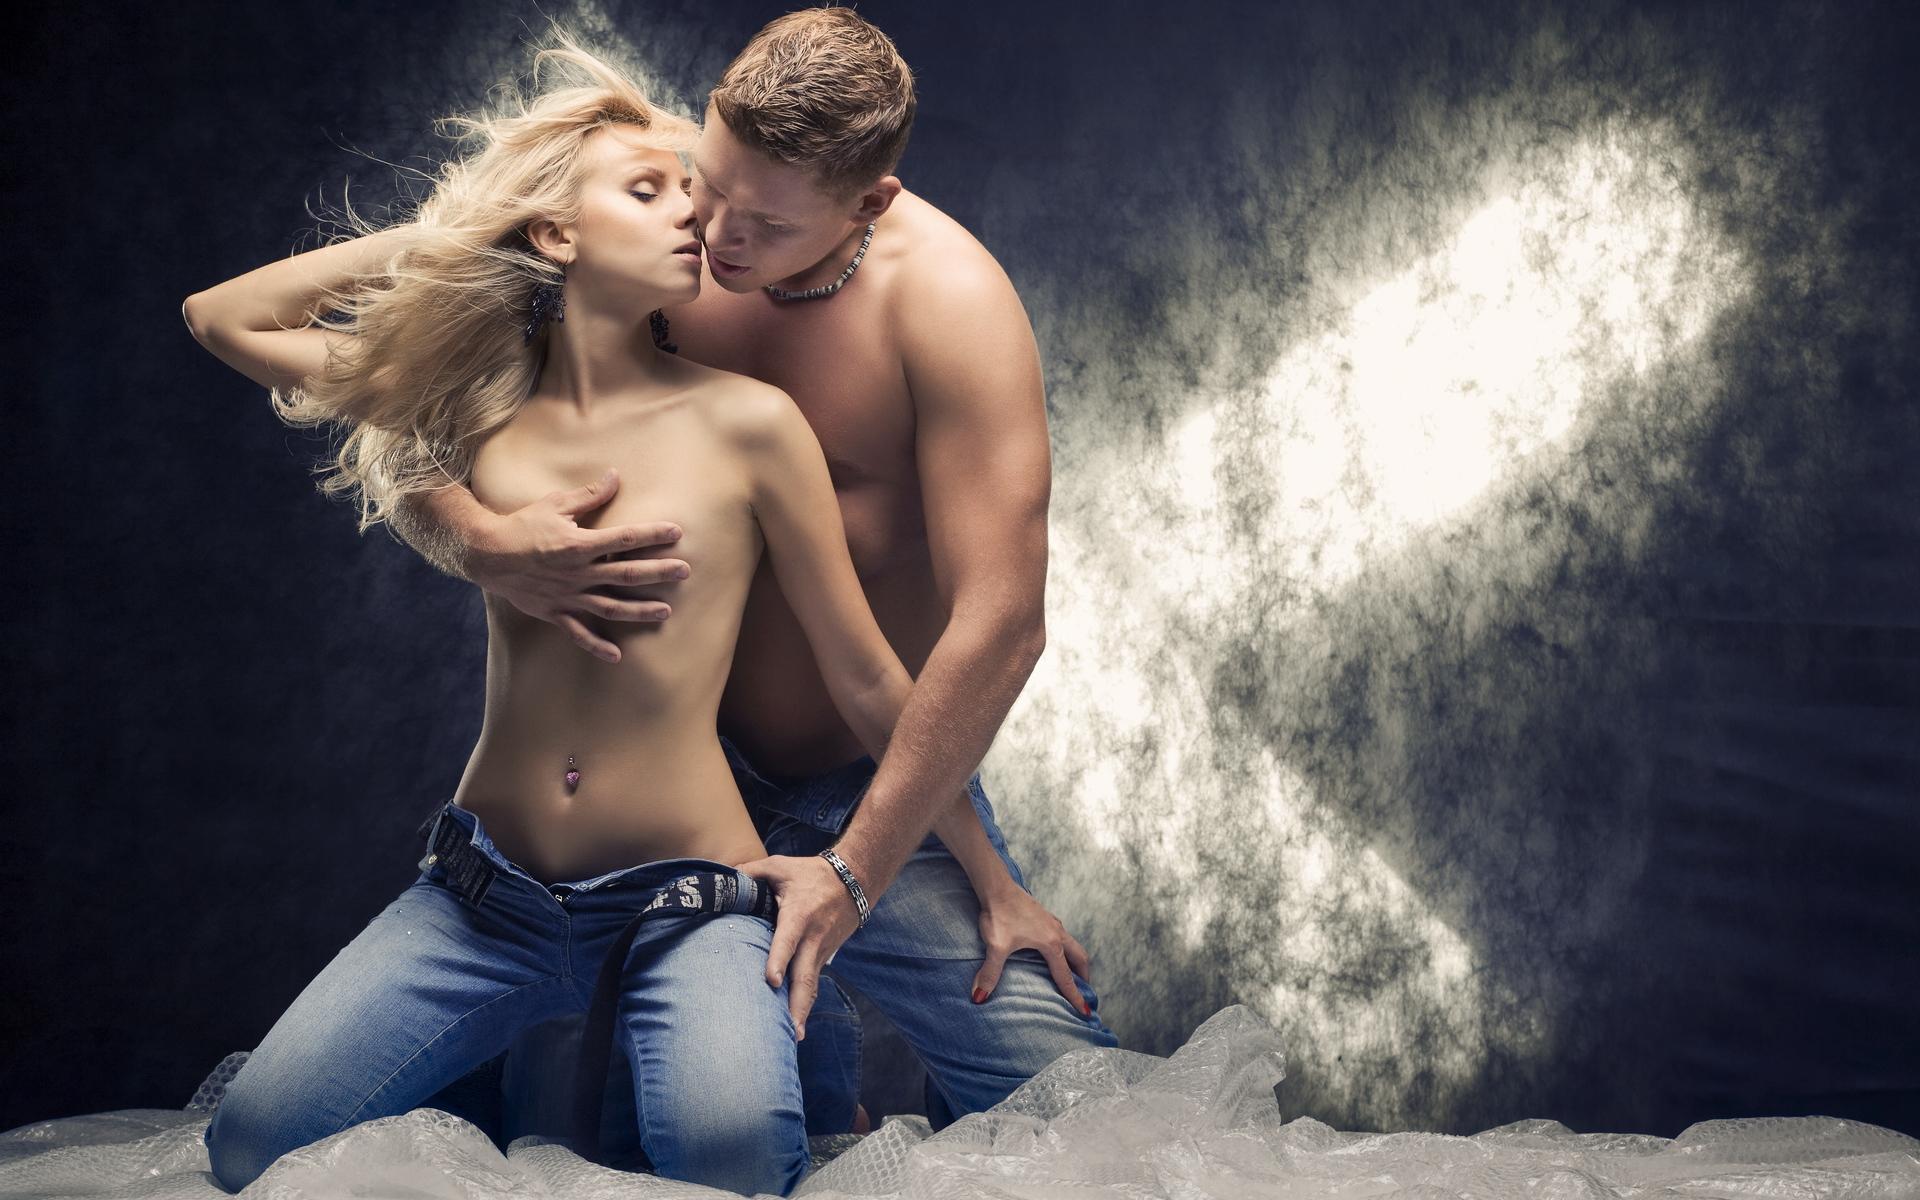 Фільми смотреть онлайн бесплатно еротичні садо мазо 18 фотография